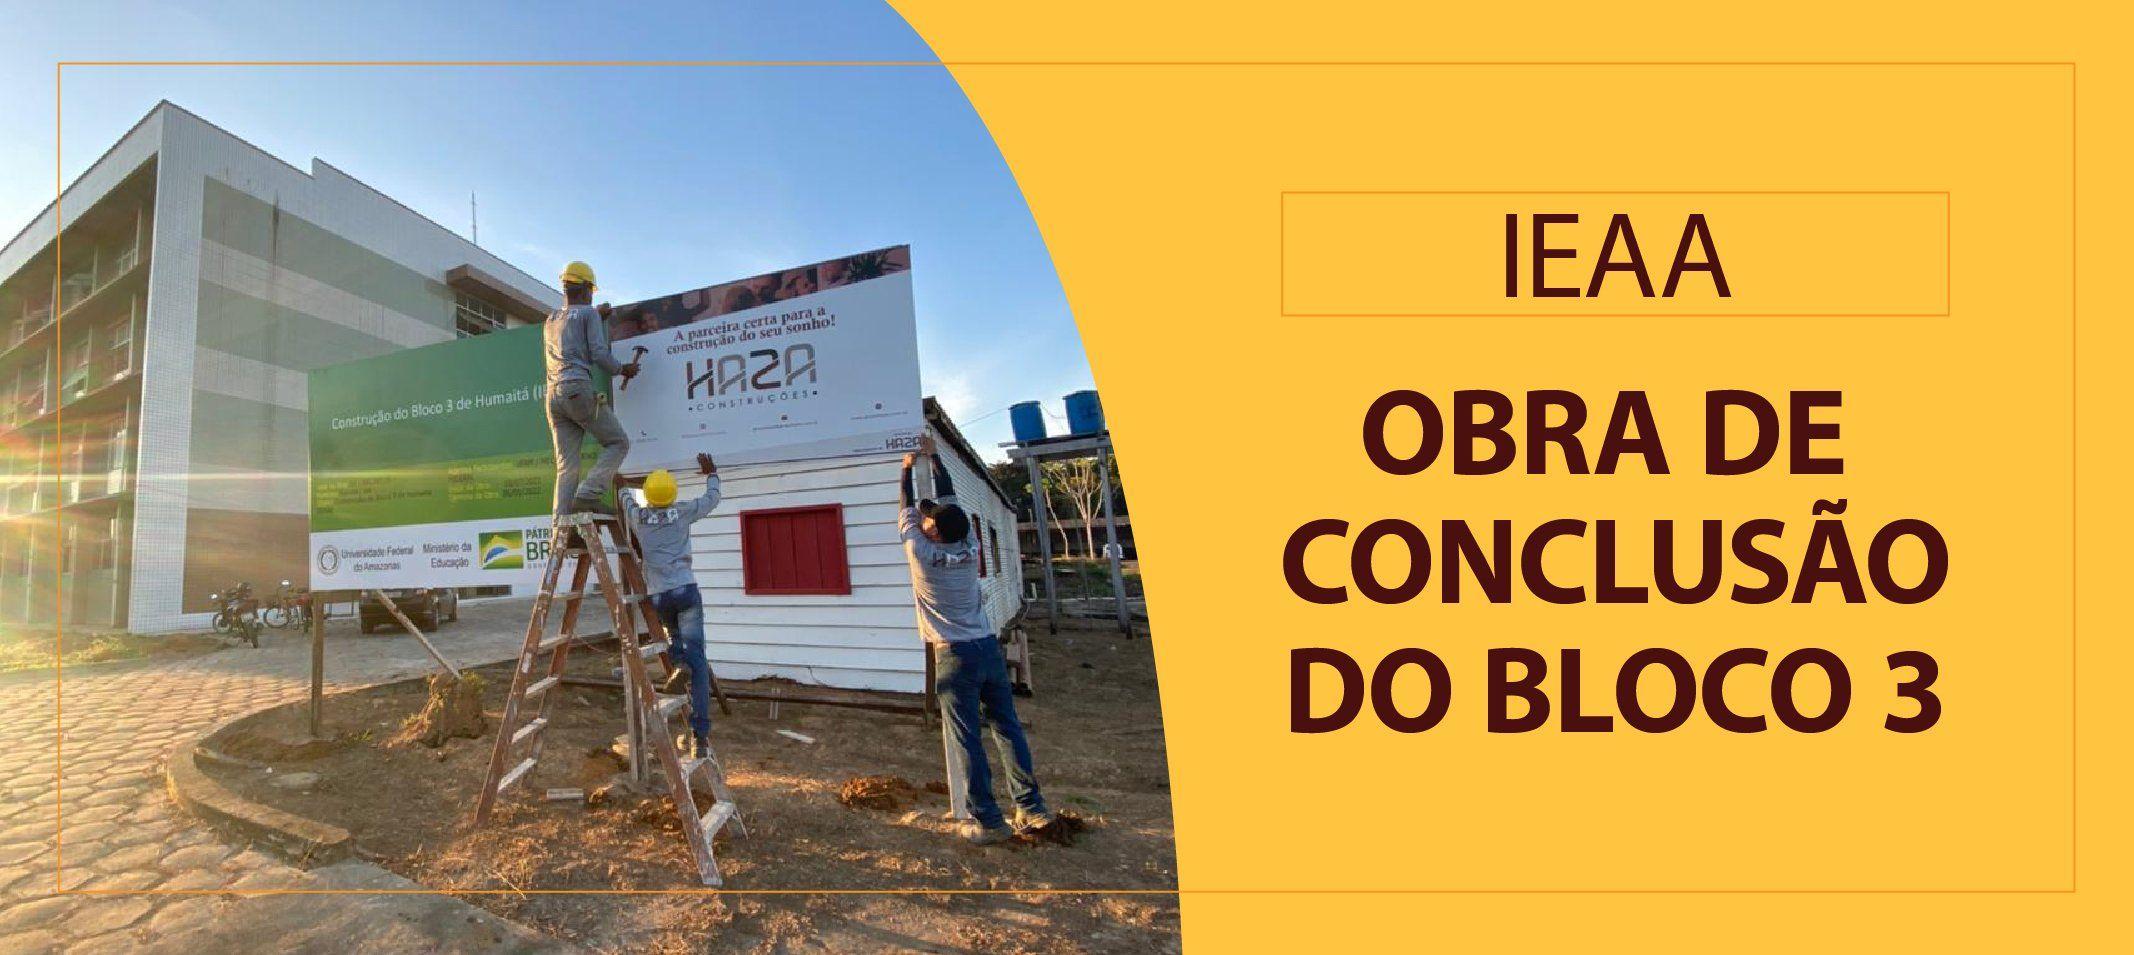 Obras do Bloco 3 do IEAA entram na fase de conclusão